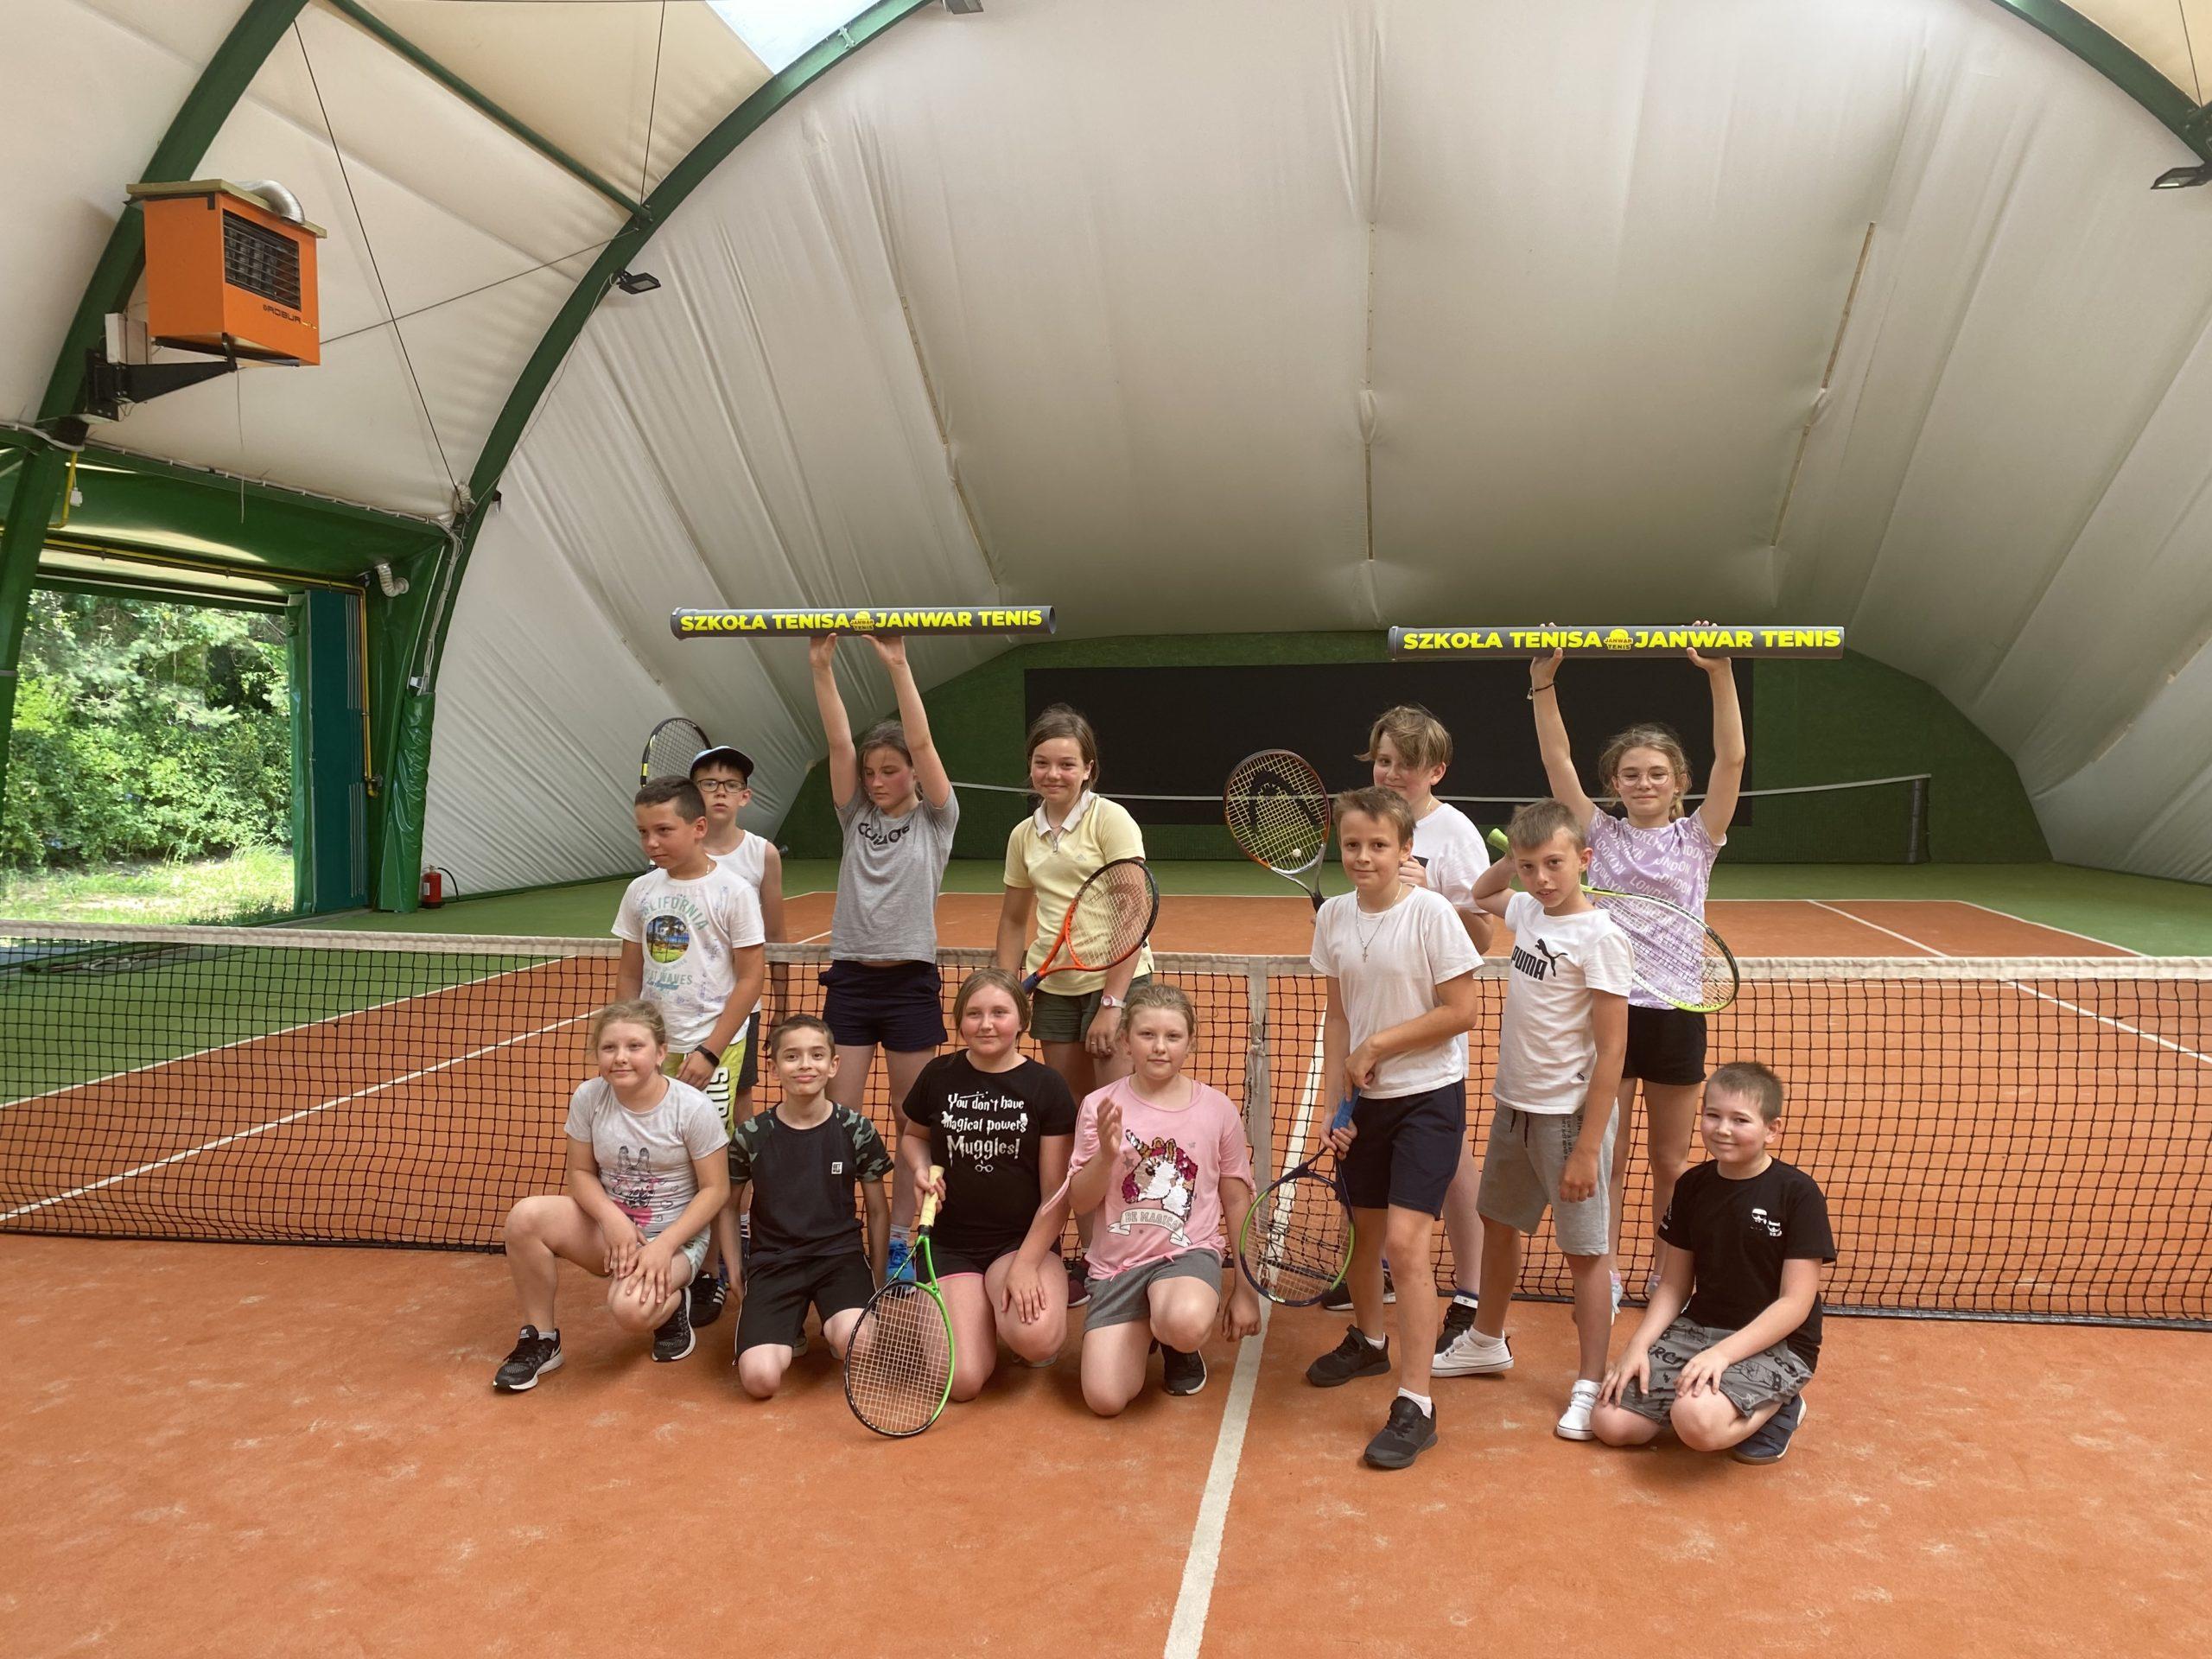 Dzieci grają na korcie tenisowym.